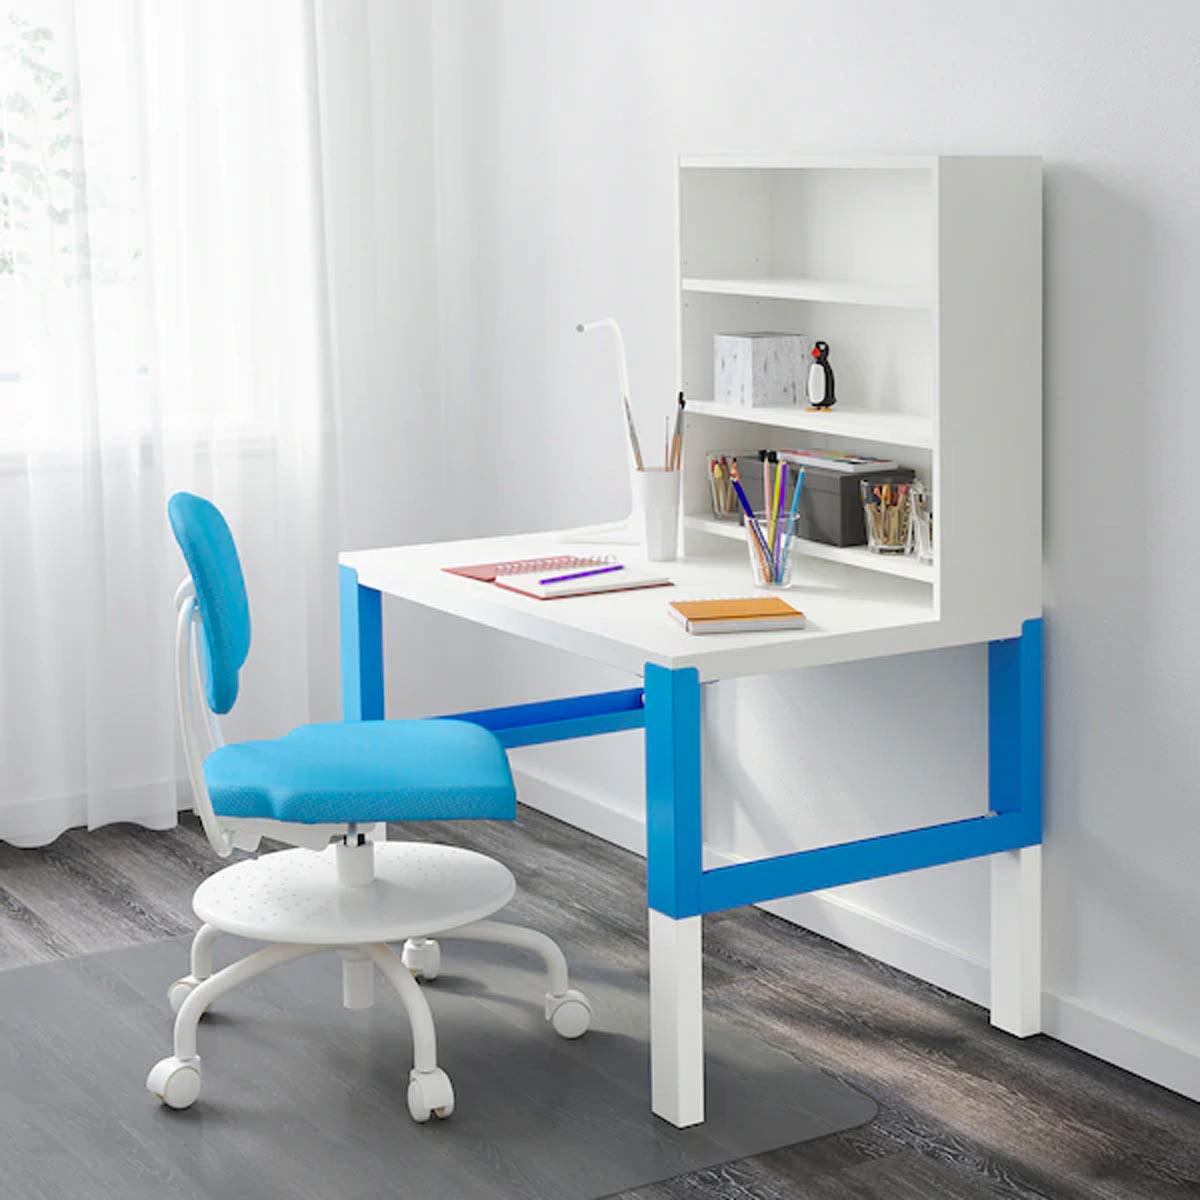 Cameretta IKEA PÅHL